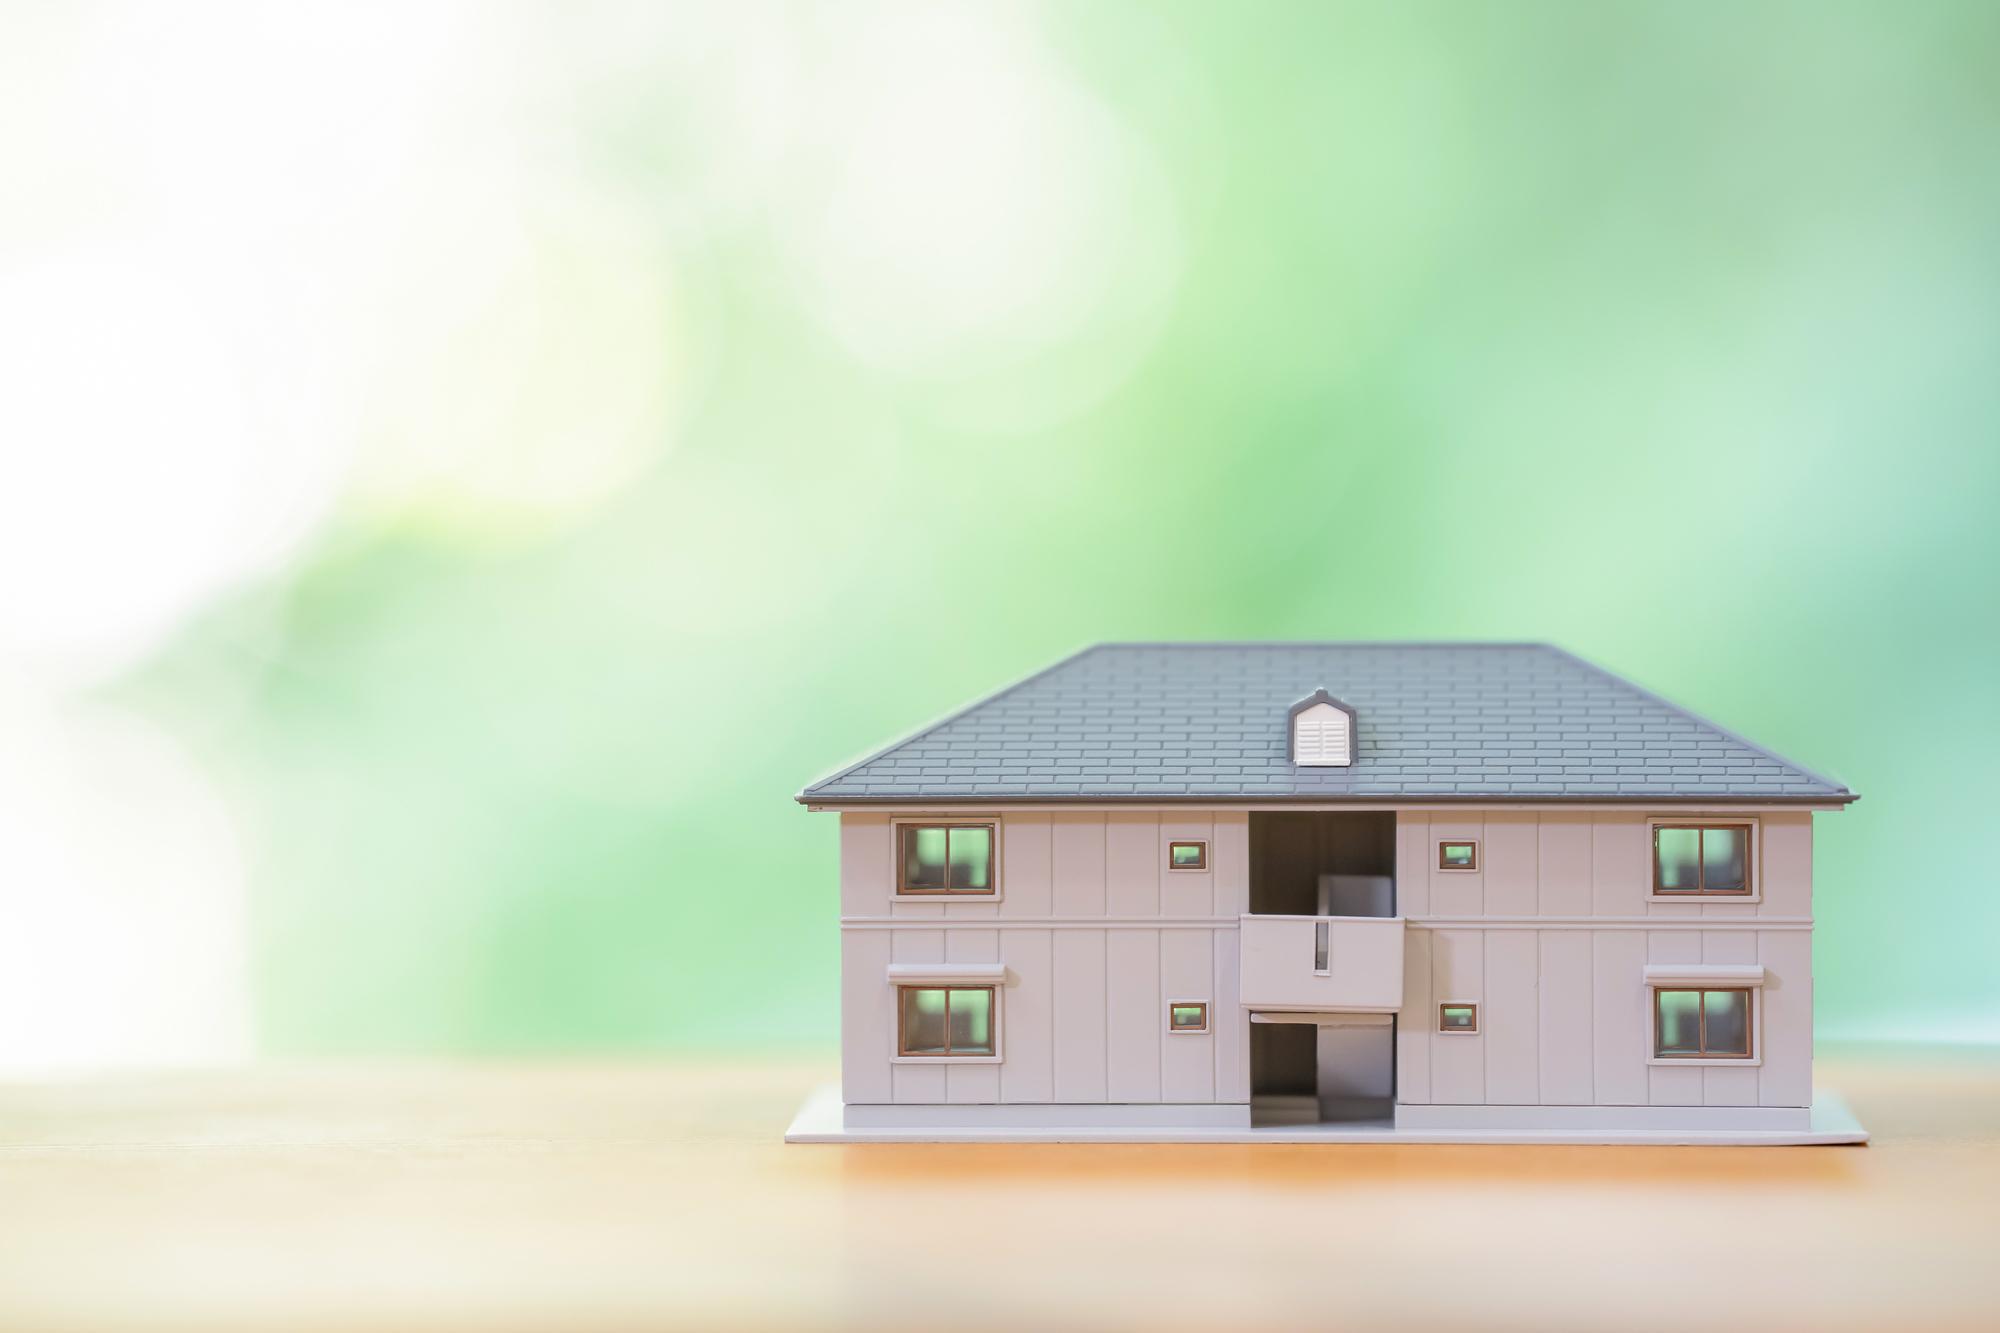 家を売る方法・手順をわかりやすく解説|不動産売却の流れや高く売りたいときのコツ